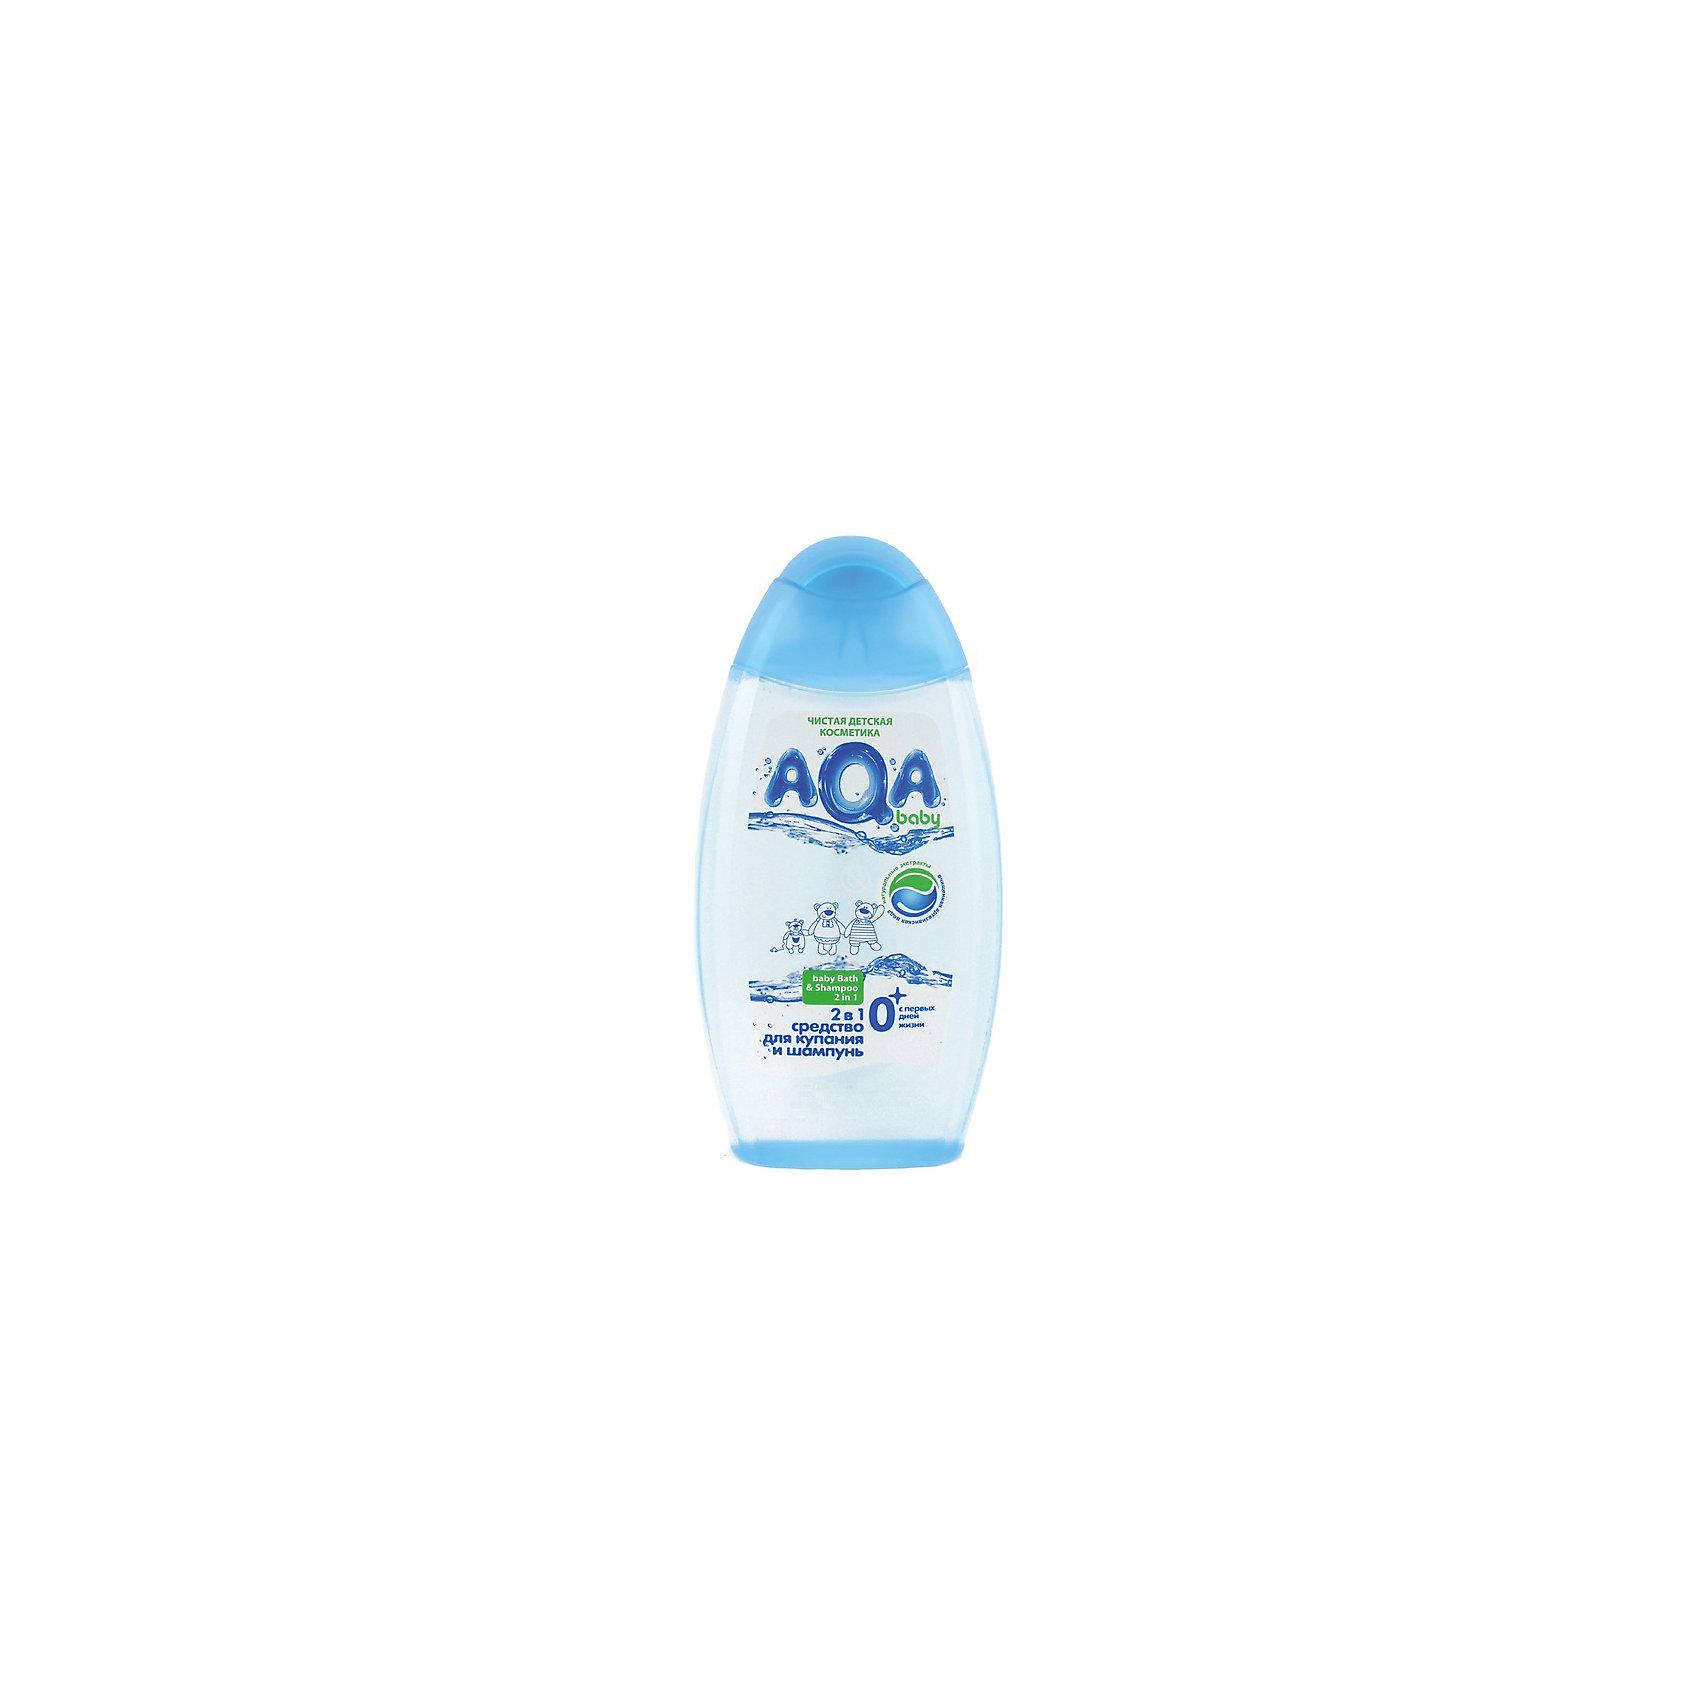 Средство для купания и шампунь 2 в 1, AQA baby, 250 мл.Универсальное средство для мягкого очищения волос и тела на основе воды из артезианского источника.<br>Не сушит кожу<br>Без парабенов<br>Без слез<br>Особенности:<br>Универсальное средство для нежного очищения кожи и волос малыша.<br>Подходит для детей с первых дней жизни.<br>Специальная комбинация из экстрактов ромашки, календулы и Д-пантенола смягчает и питает кожу.<br>Не сушит кожу.<br>Без парабенов.<br>Не тестируется на животных.<br>Объем: 500 мл.<br>Способ применения: небольшое количество средства нанесите на тело или волосы, мягко вспеньте, а затем хорошенько смойте водой.<br><br>Ширина мм: 158<br>Глубина мм: 500<br>Высота мм: 75<br>Вес г: 800<br>Возраст от месяцев: 0<br>Возраст до месяцев: 36<br>Пол: Унисекс<br>Возраст: Детский<br>SKU: 4729806